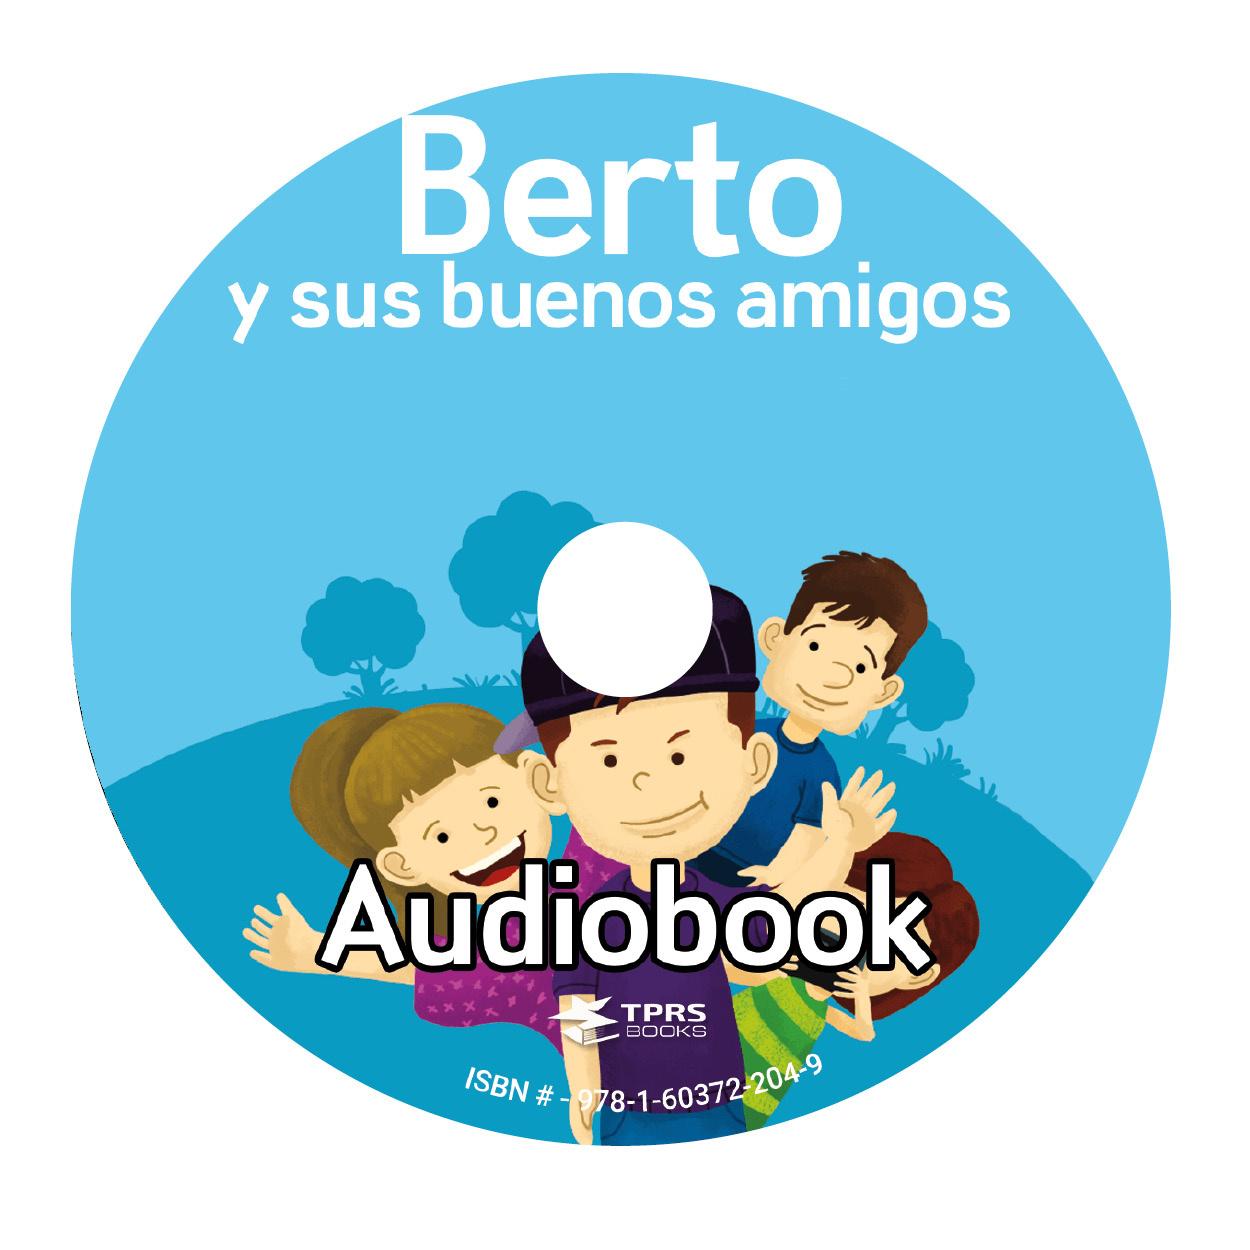 Berto y sus buenos amigos - Luisterboek